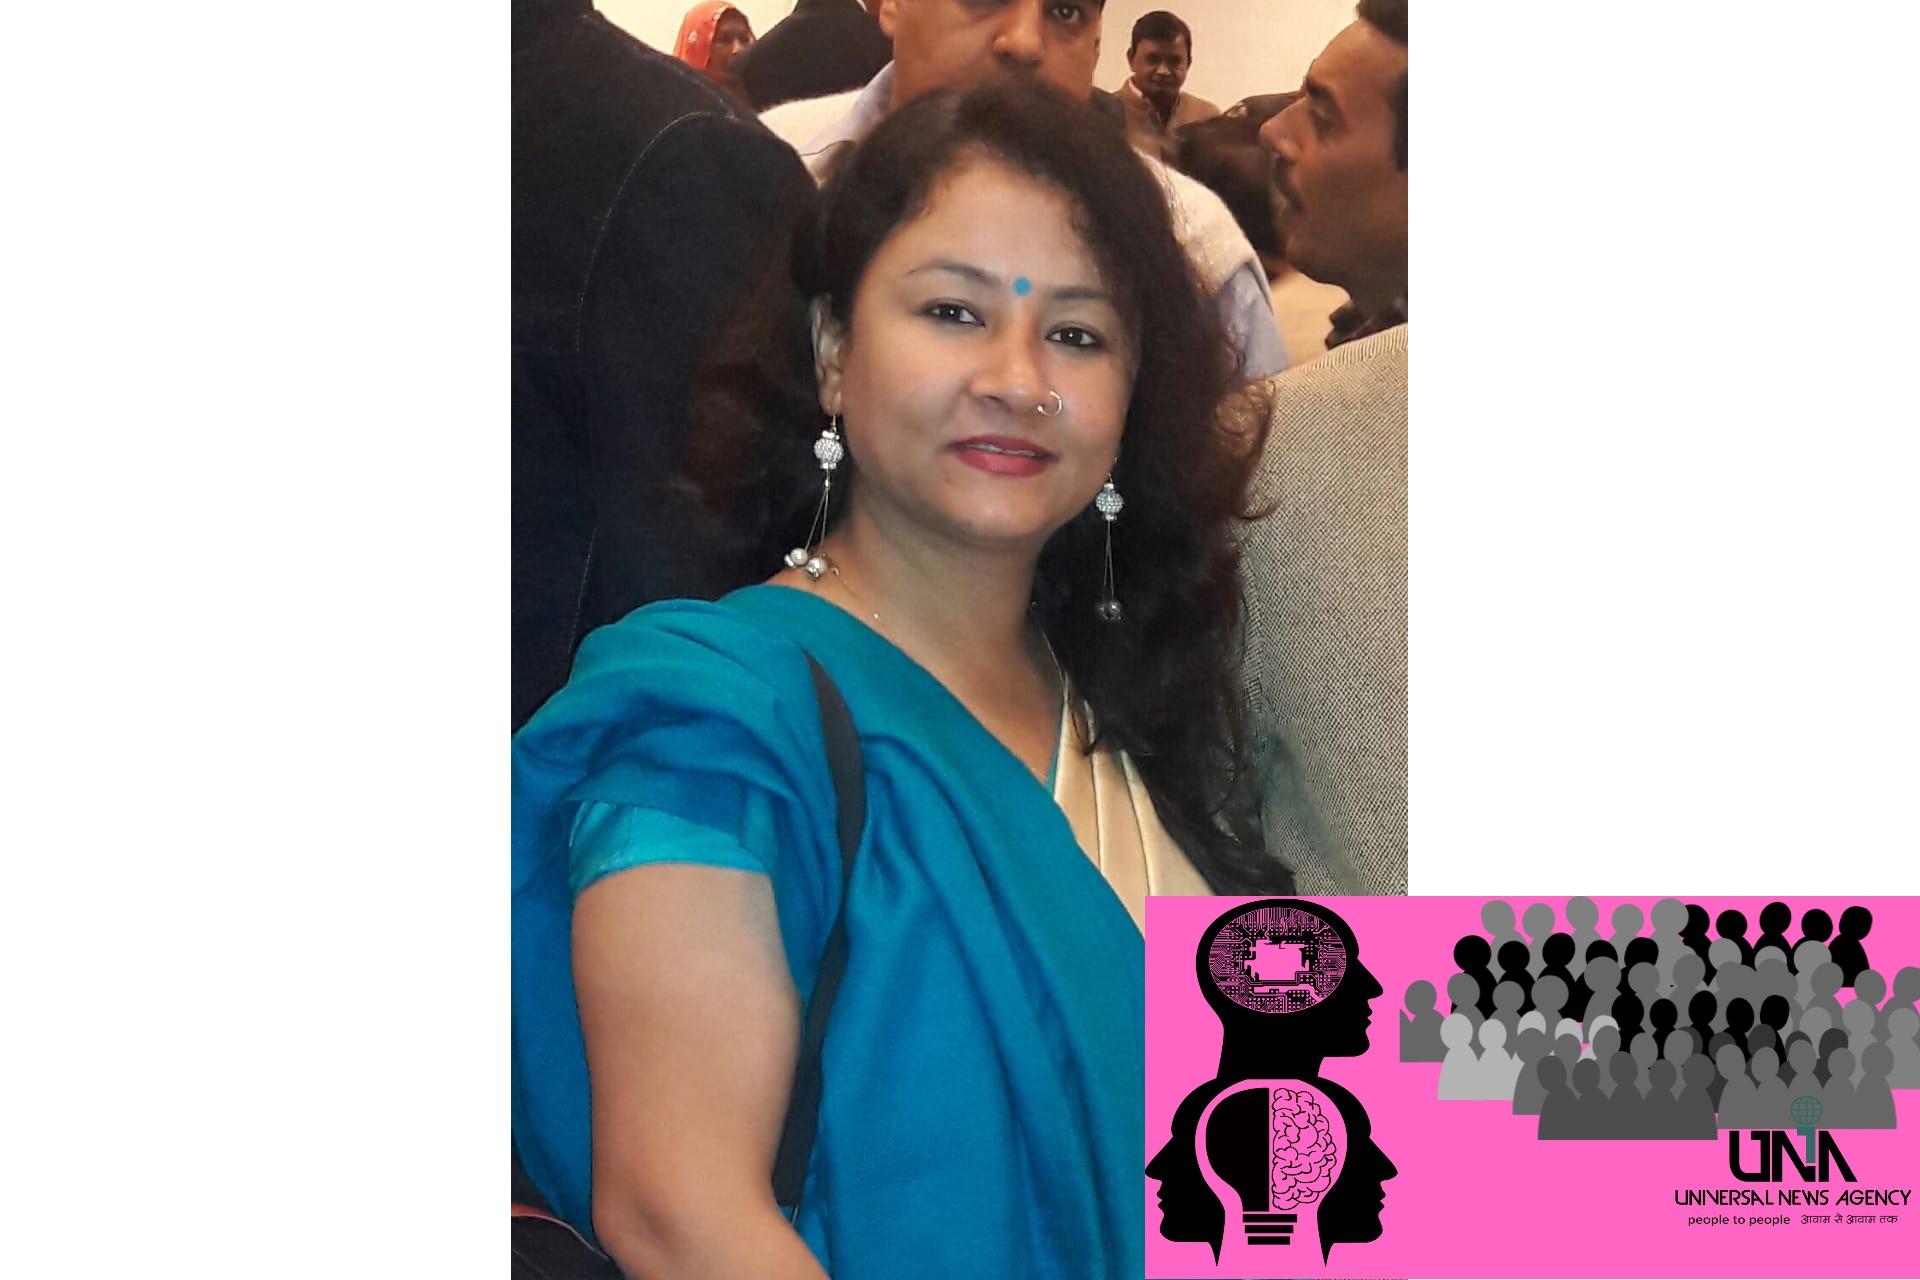 राज्यधानी देहरादून में काँग्रेस पार्टी के प्रवक्ता गरिमा दसौनी ने ऐप्प को लेकर नरेंद्र मोदी पर निशाना साधा